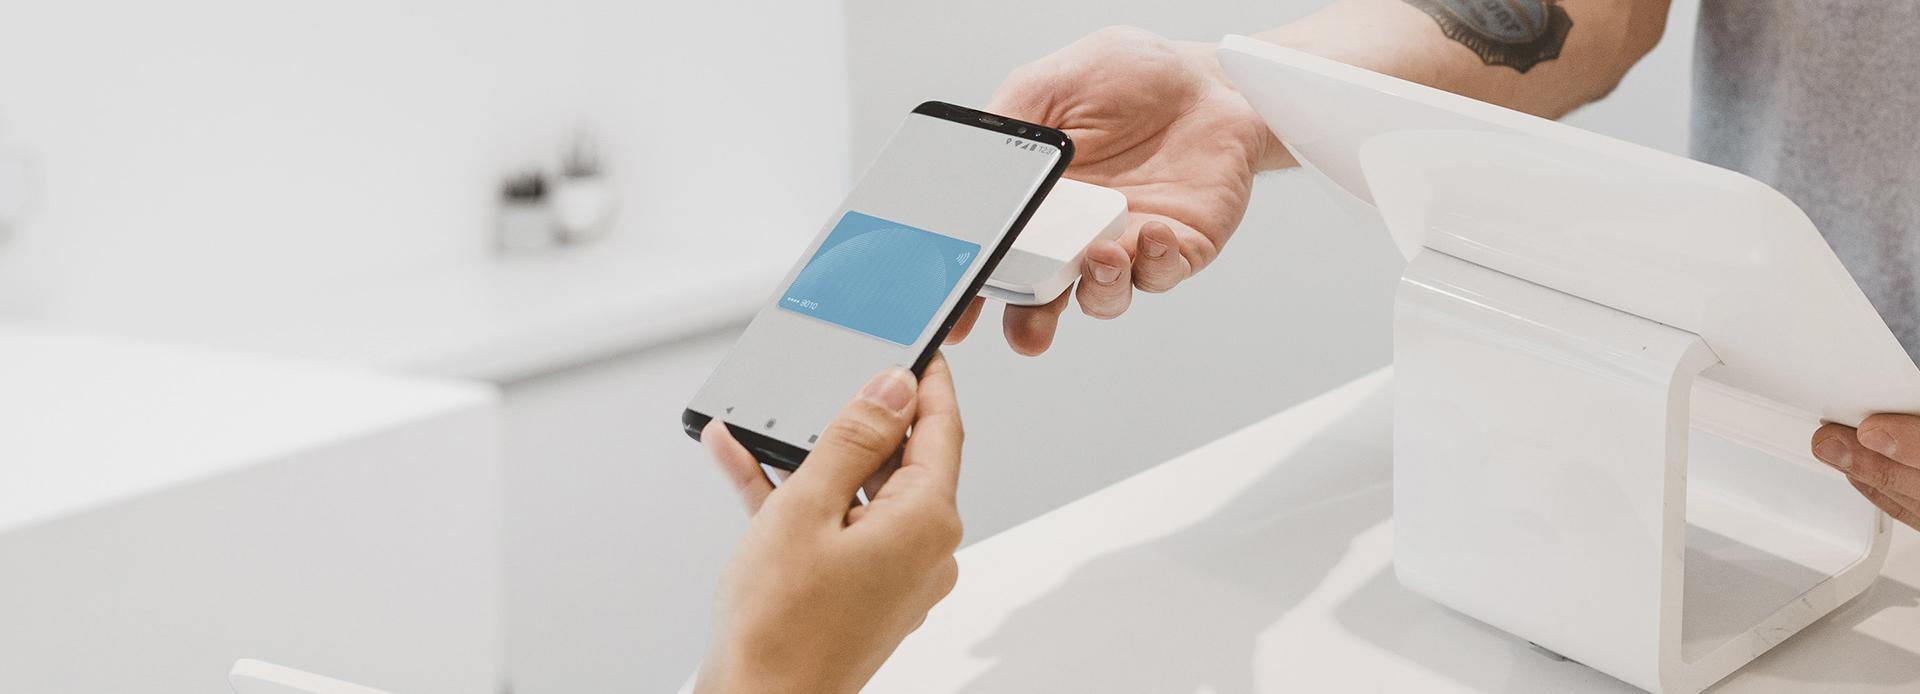 6 - Como carteiras digitais e pagamentos mobile podem proteger você do novo Coronavírus_